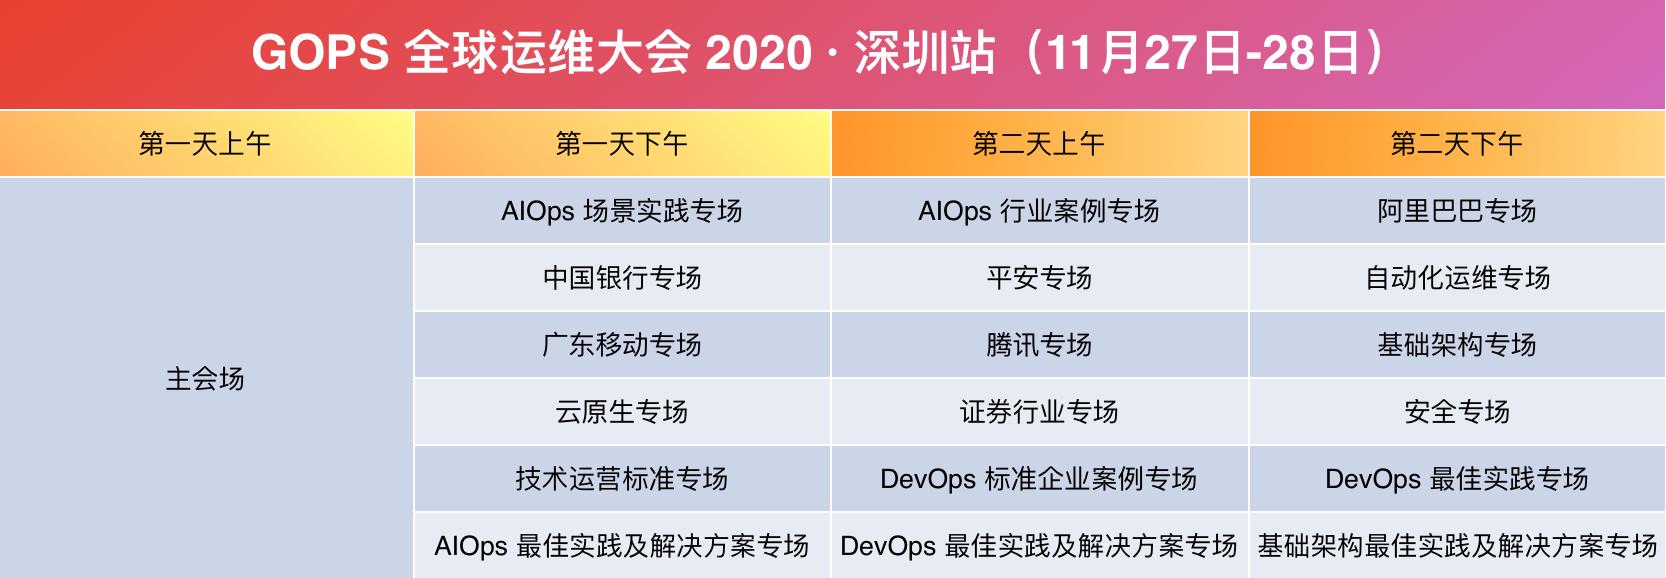 2020第十四届GOPS全球运维大会(11月深圳)